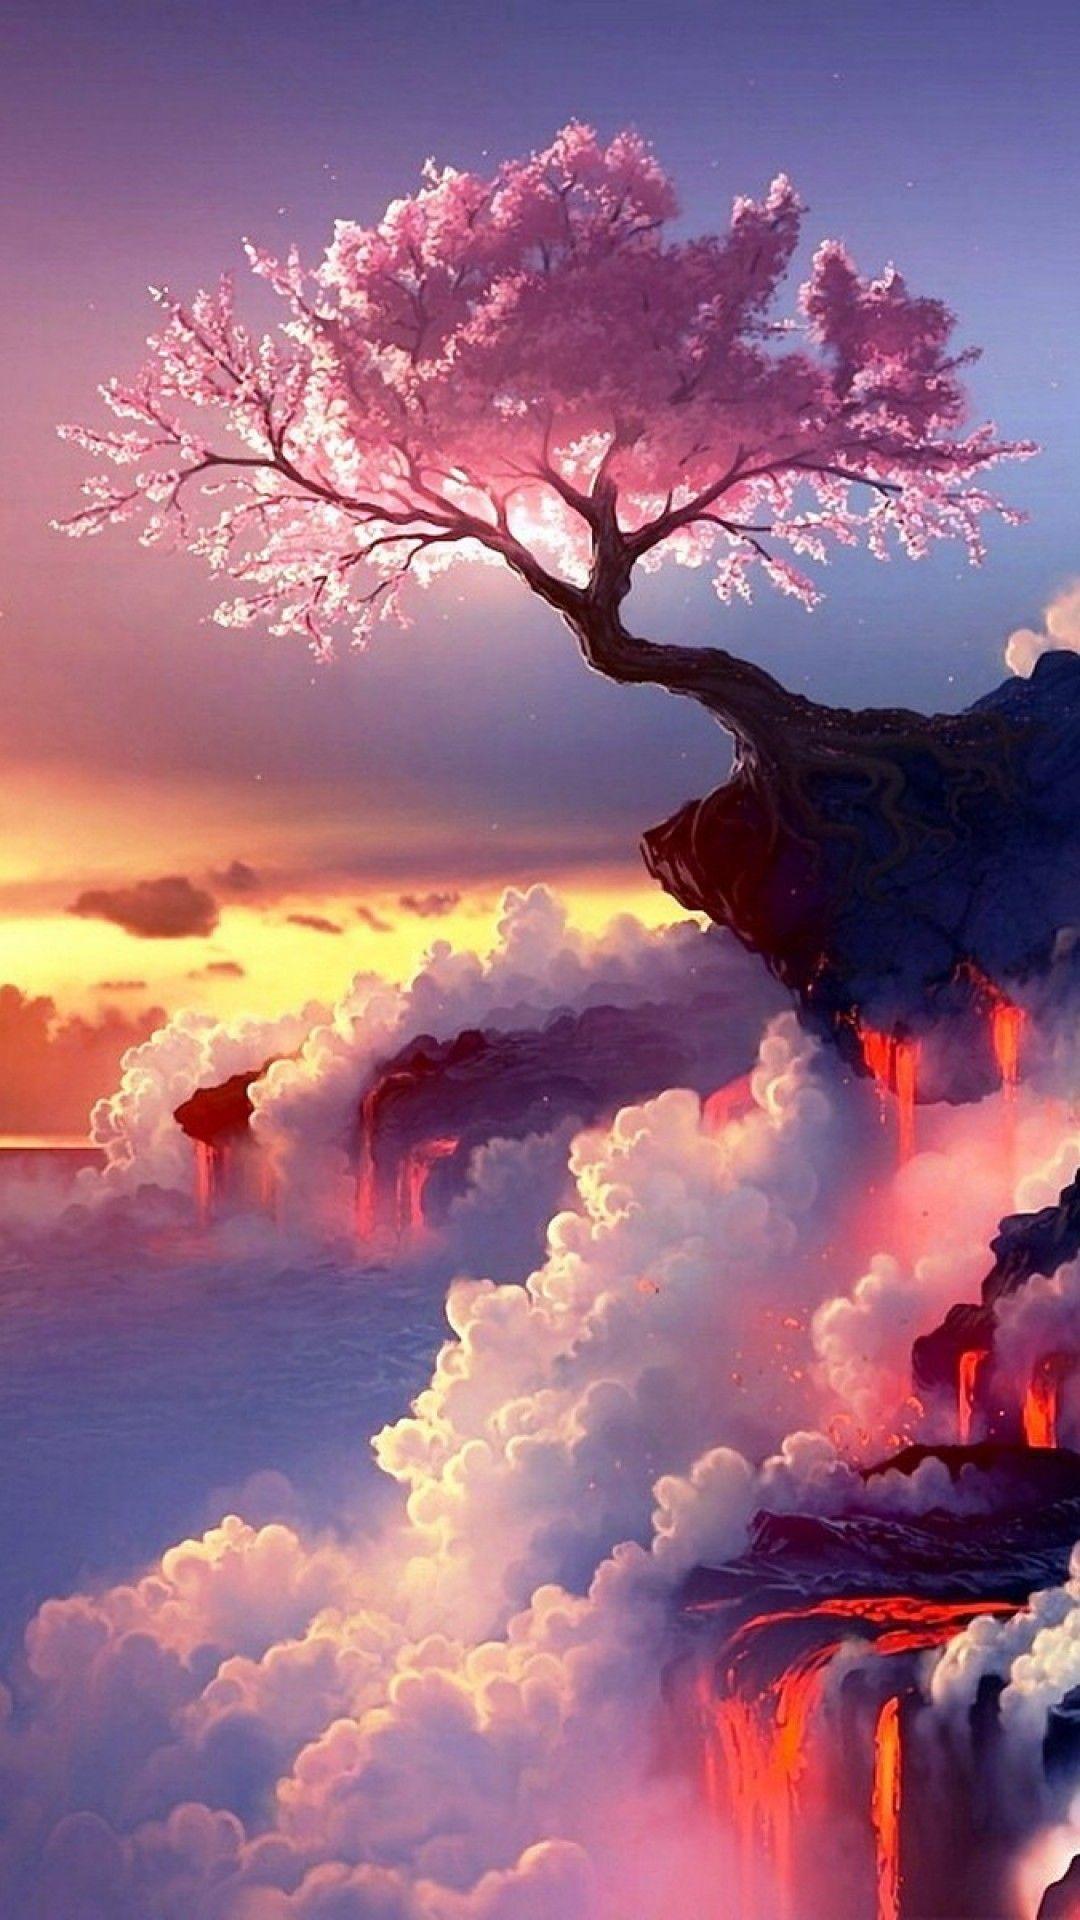 人気22位 おしゃれな夜桜イラスト 綺麗 景色 ファンタジーな風景